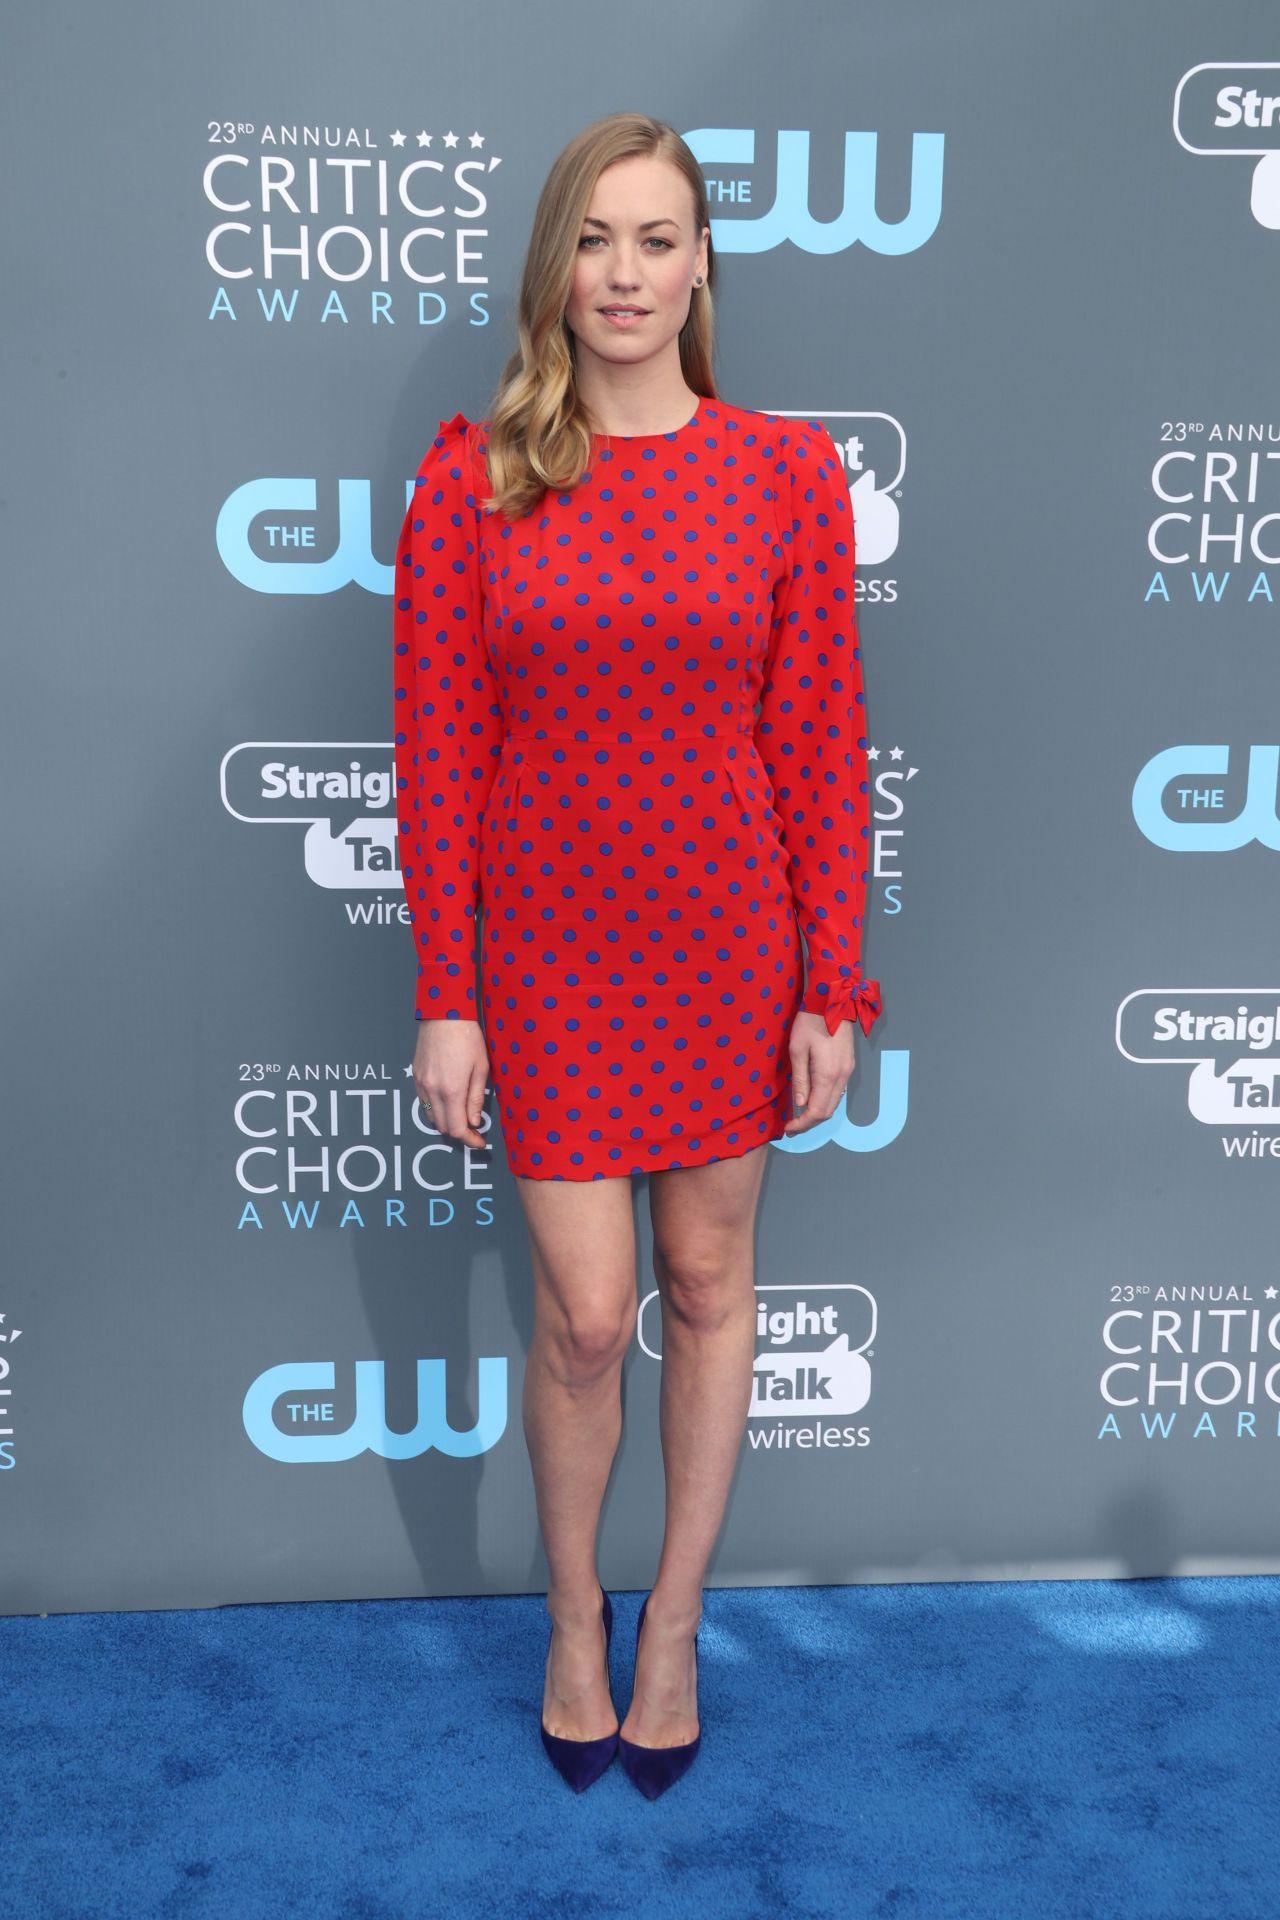 ¿Cuánto mide Yvonne Strahovski? - Real height Yvonne-strahovski-2018-critics-choice-awards-8